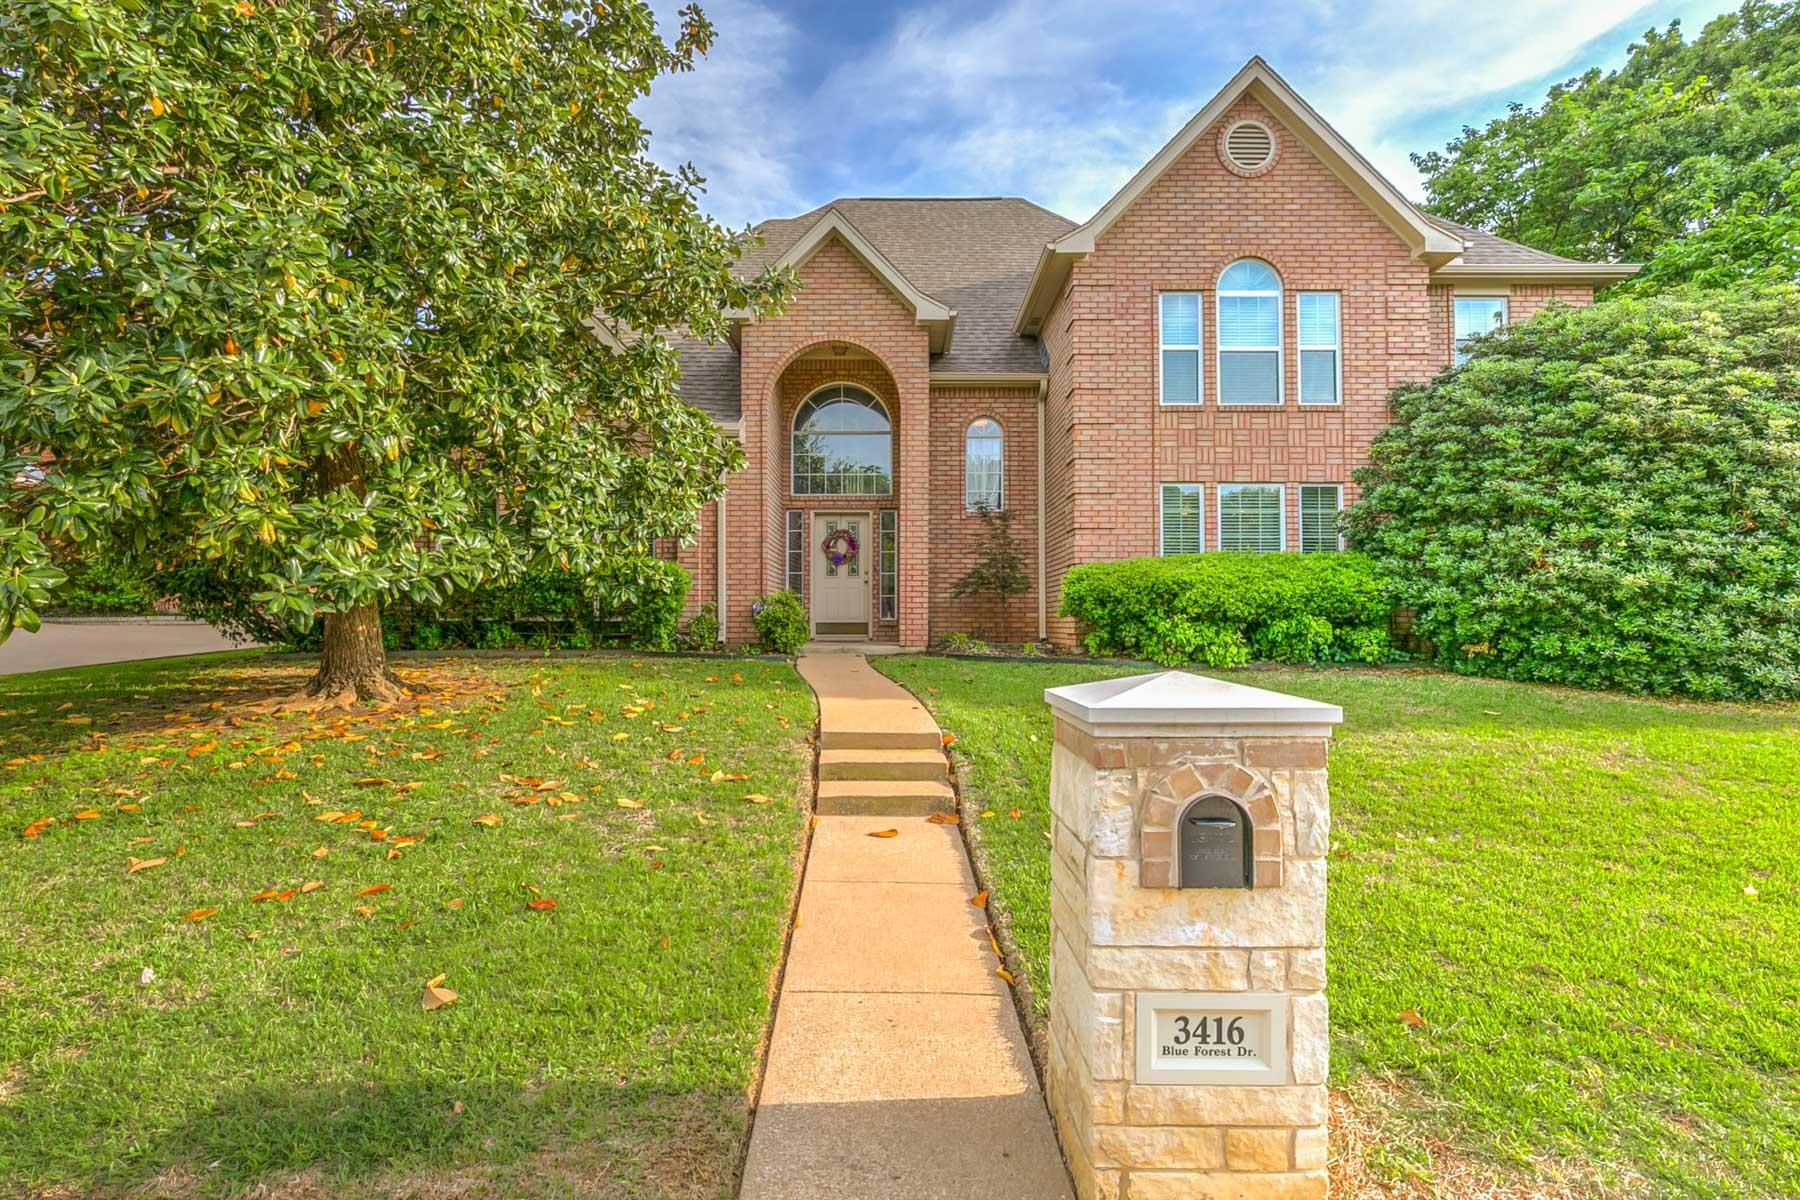 단독 가정 주택 용 매매 에 3416 Blue Forest Dr, Arlington Arlington, 텍사스, 76001 미국